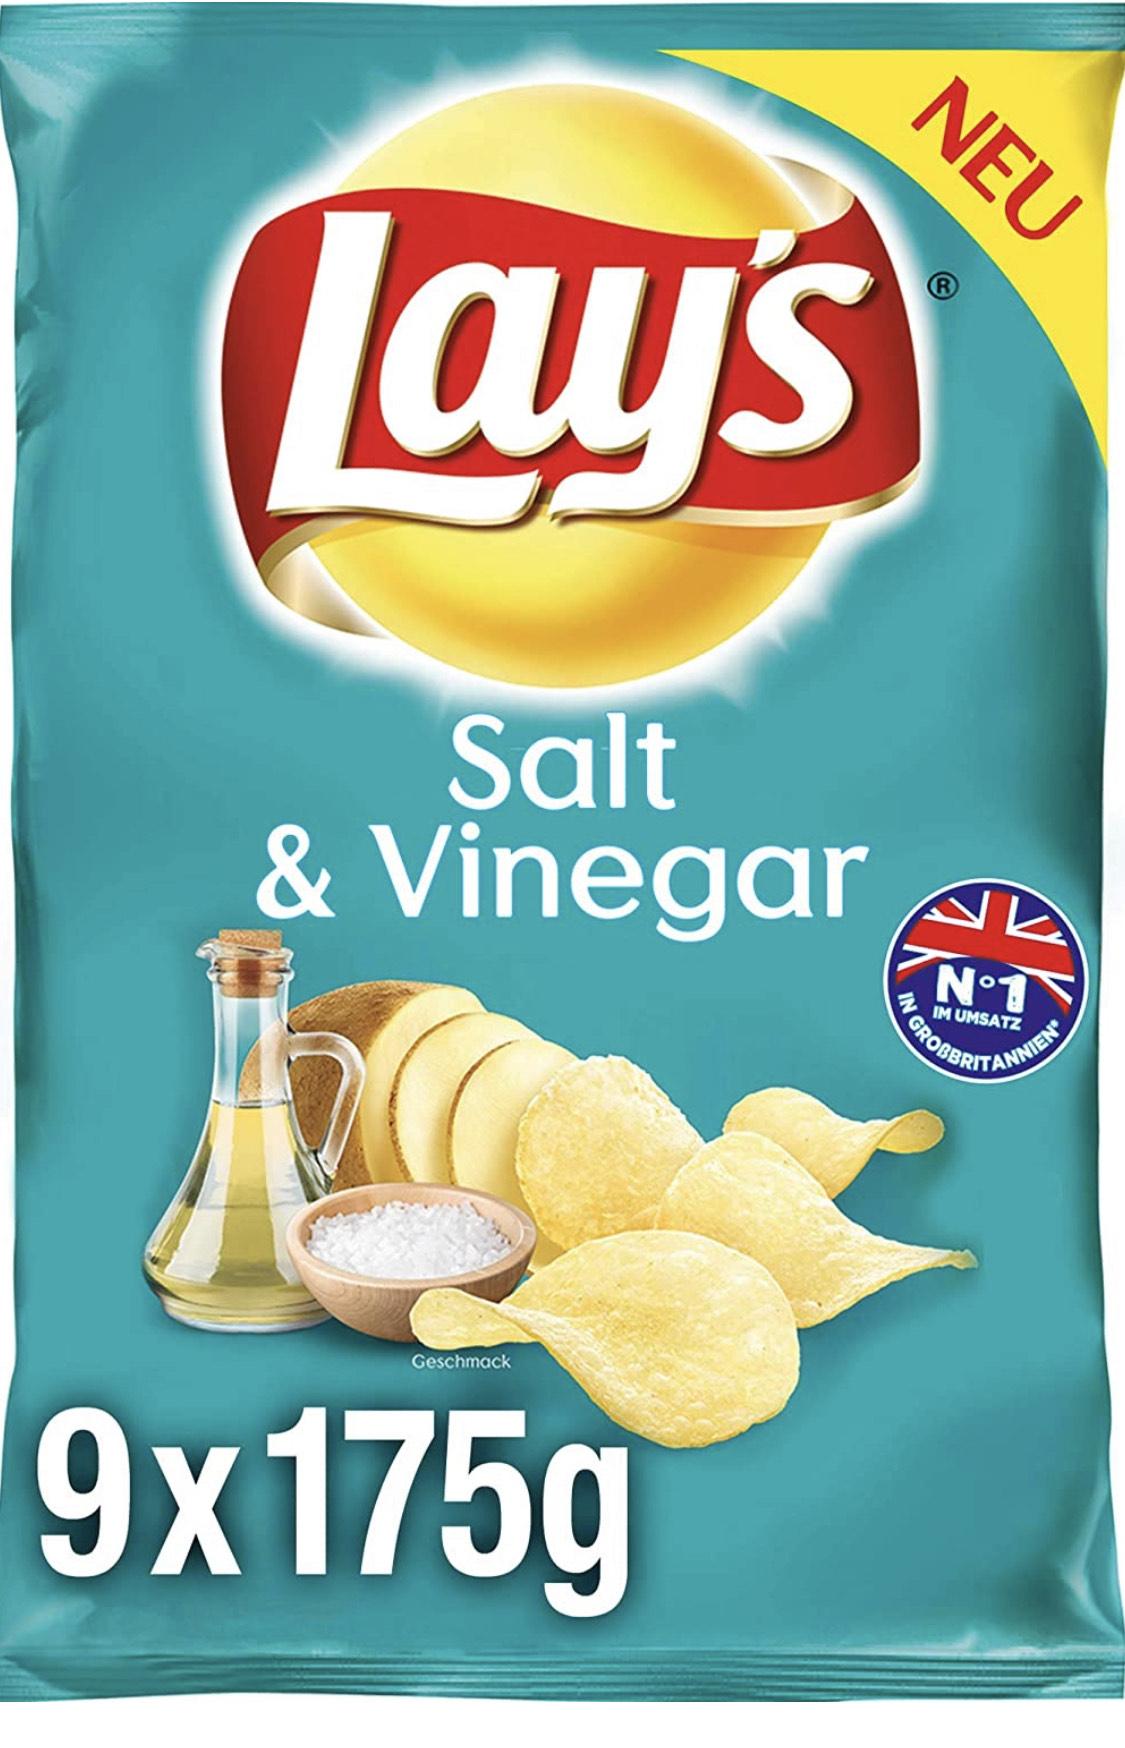 9x 175g Salt & Vinegar Chips